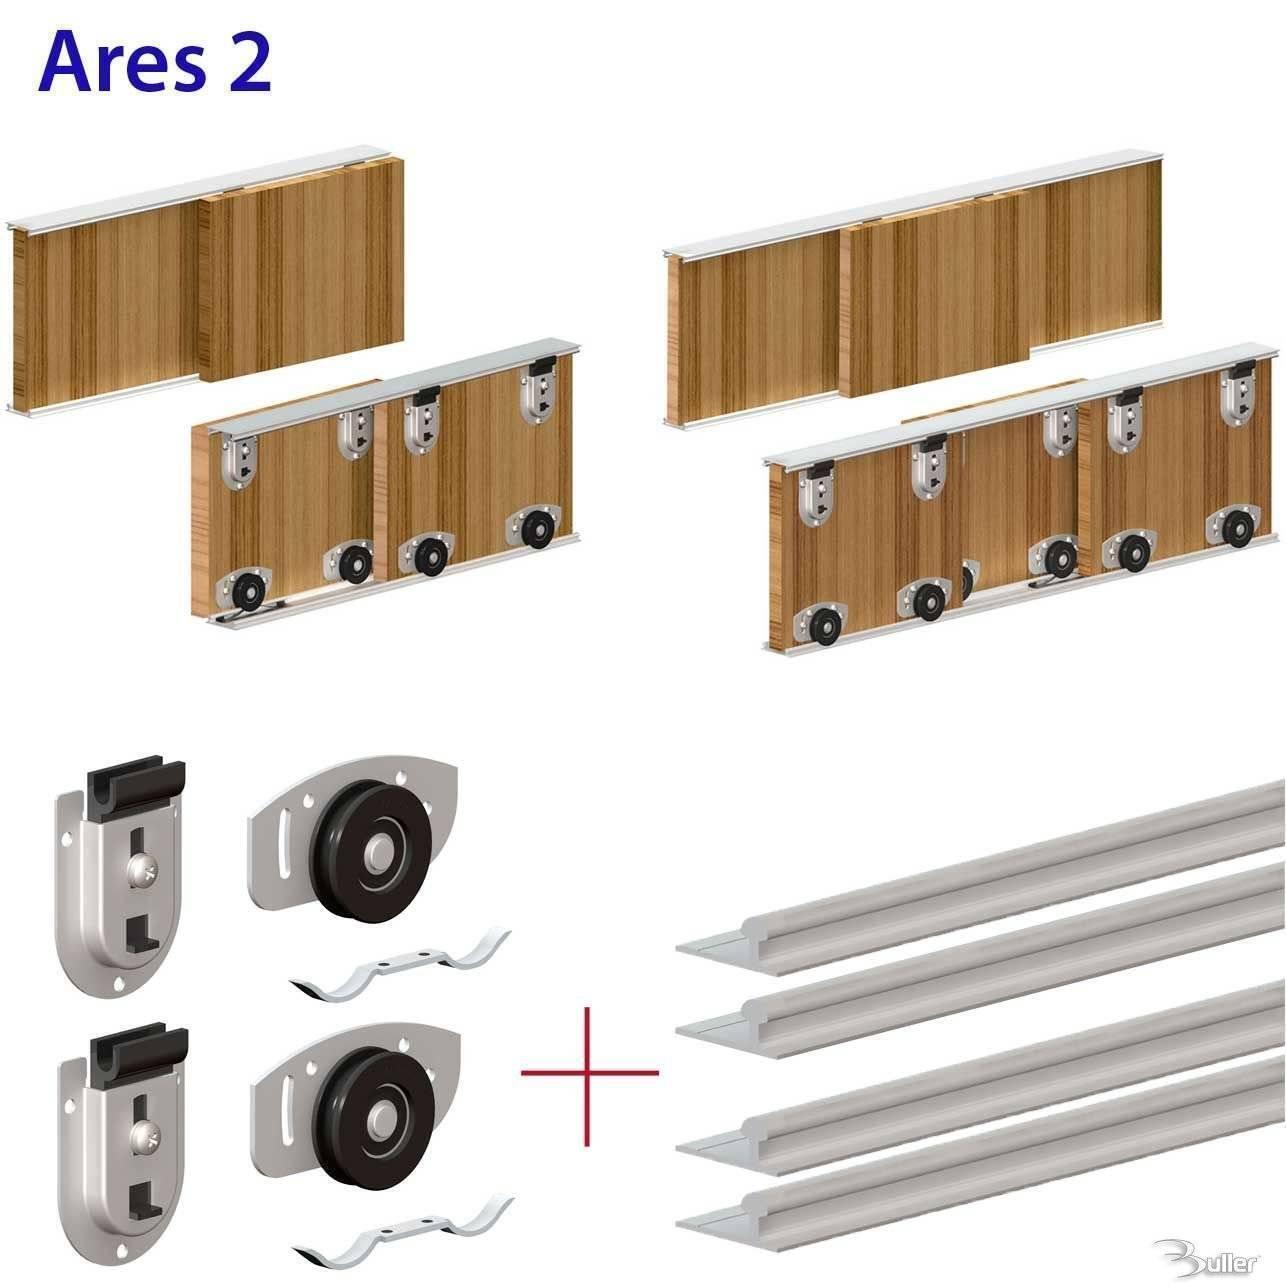 ares sliding door system wardrobe track kit. Black Bedroom Furniture Sets. Home Design Ideas